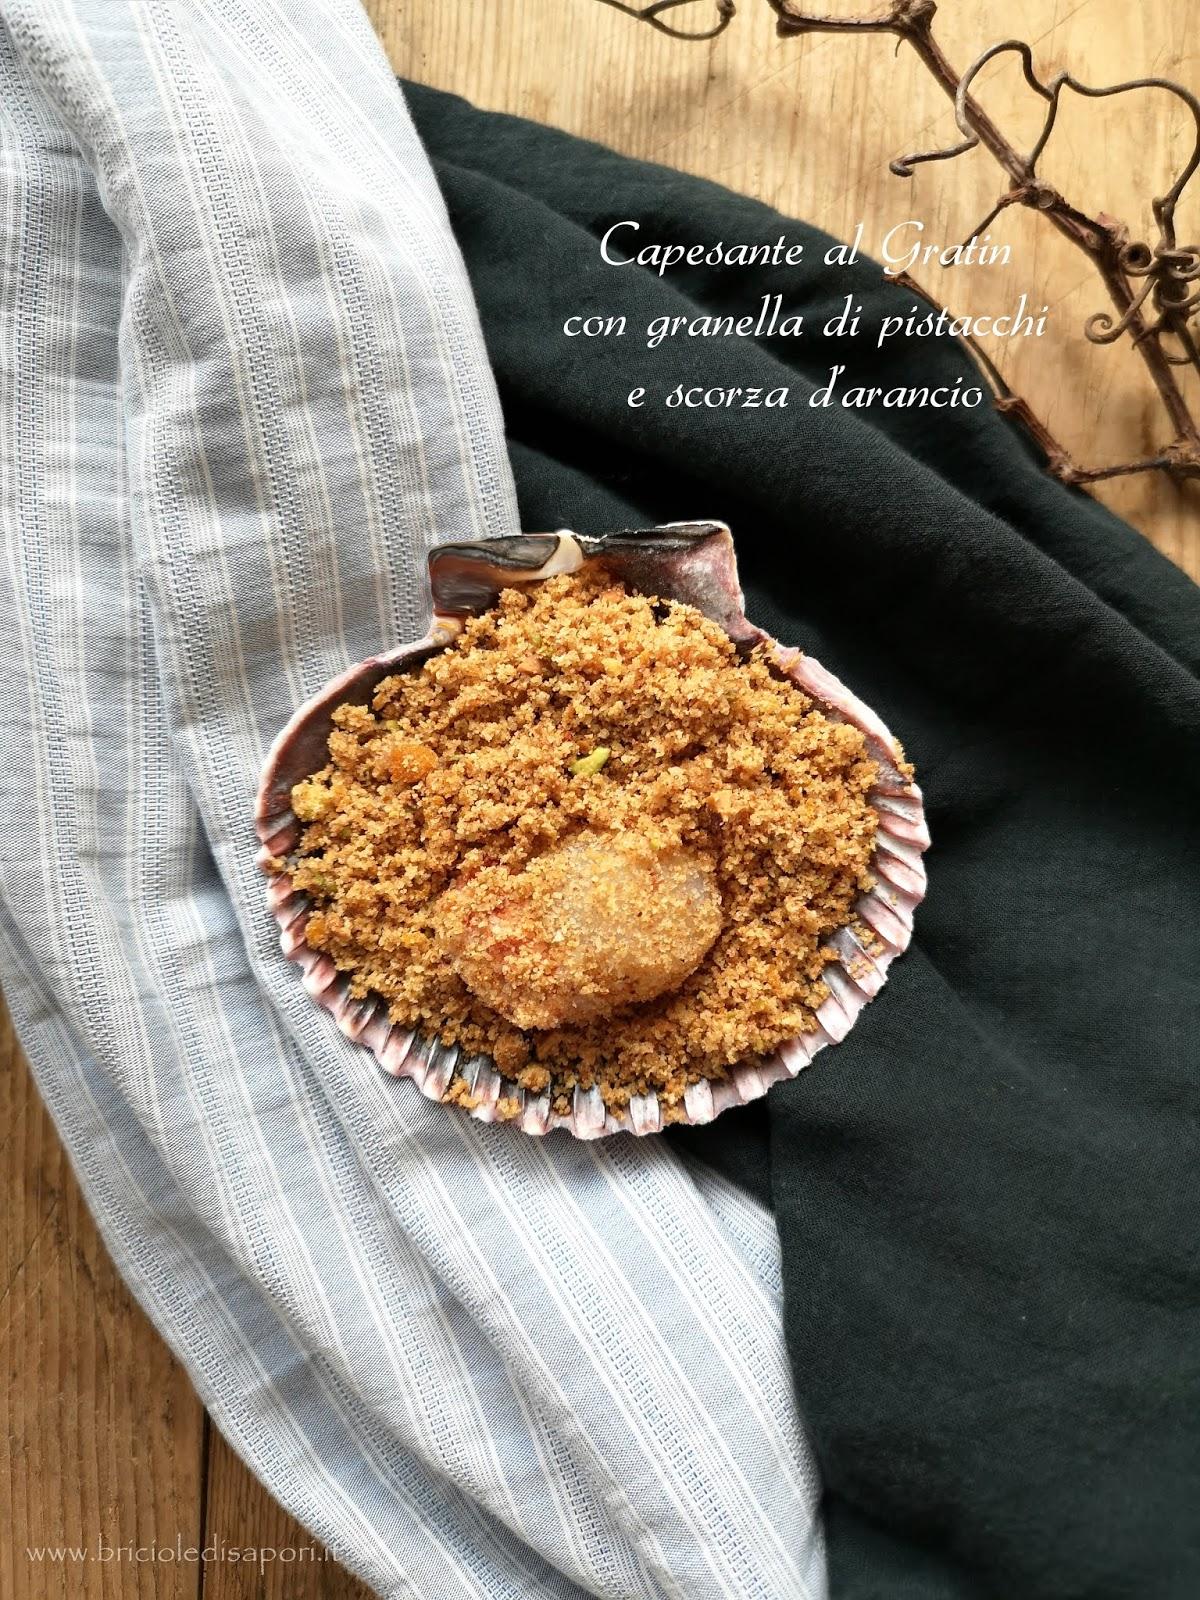 capesante gratinate con granella di pistacchi e scorza d'arancia